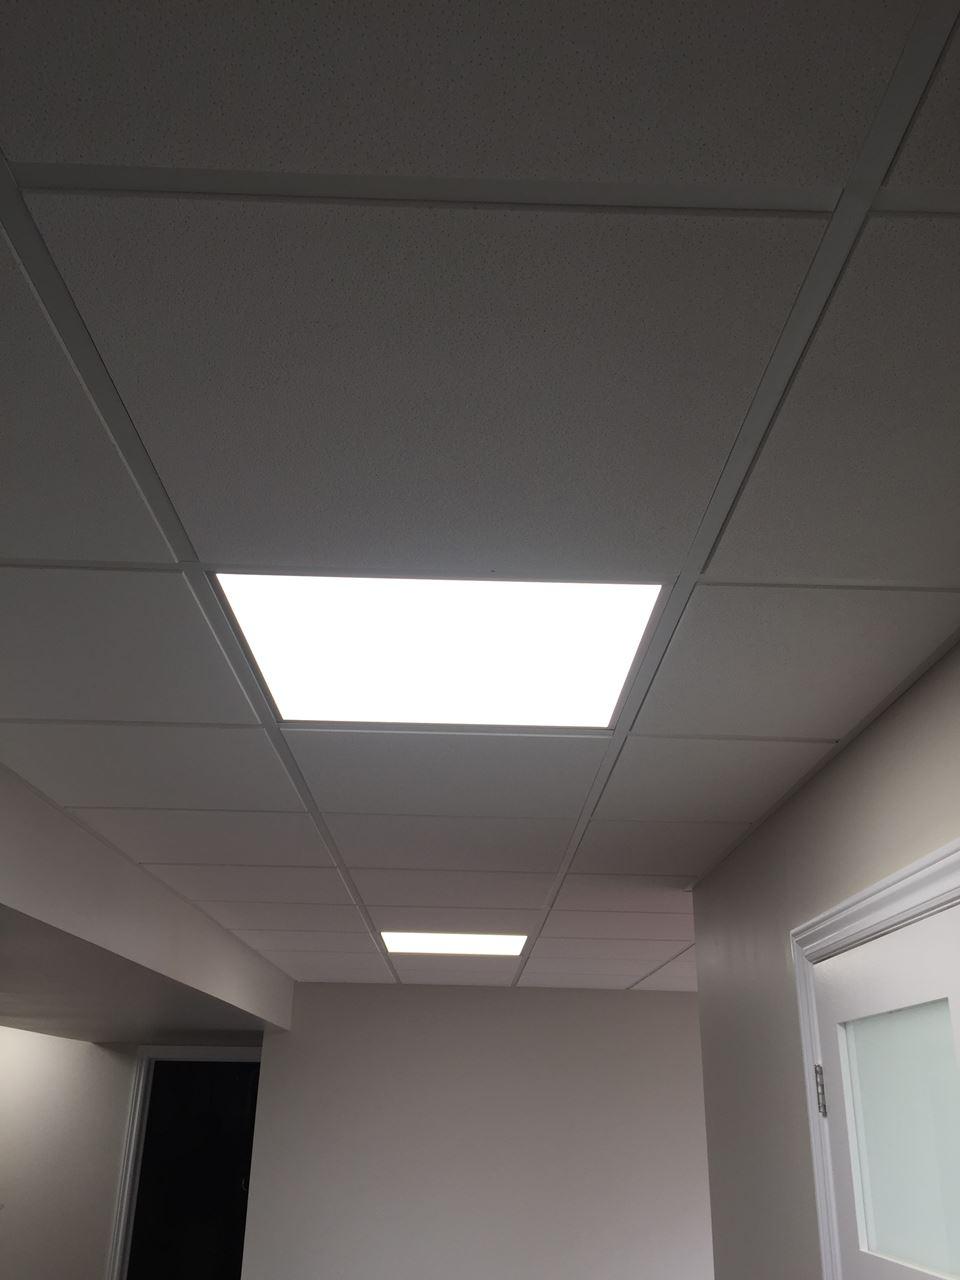 houselogix led panel light. Black Bedroom Furniture Sets. Home Design Ideas